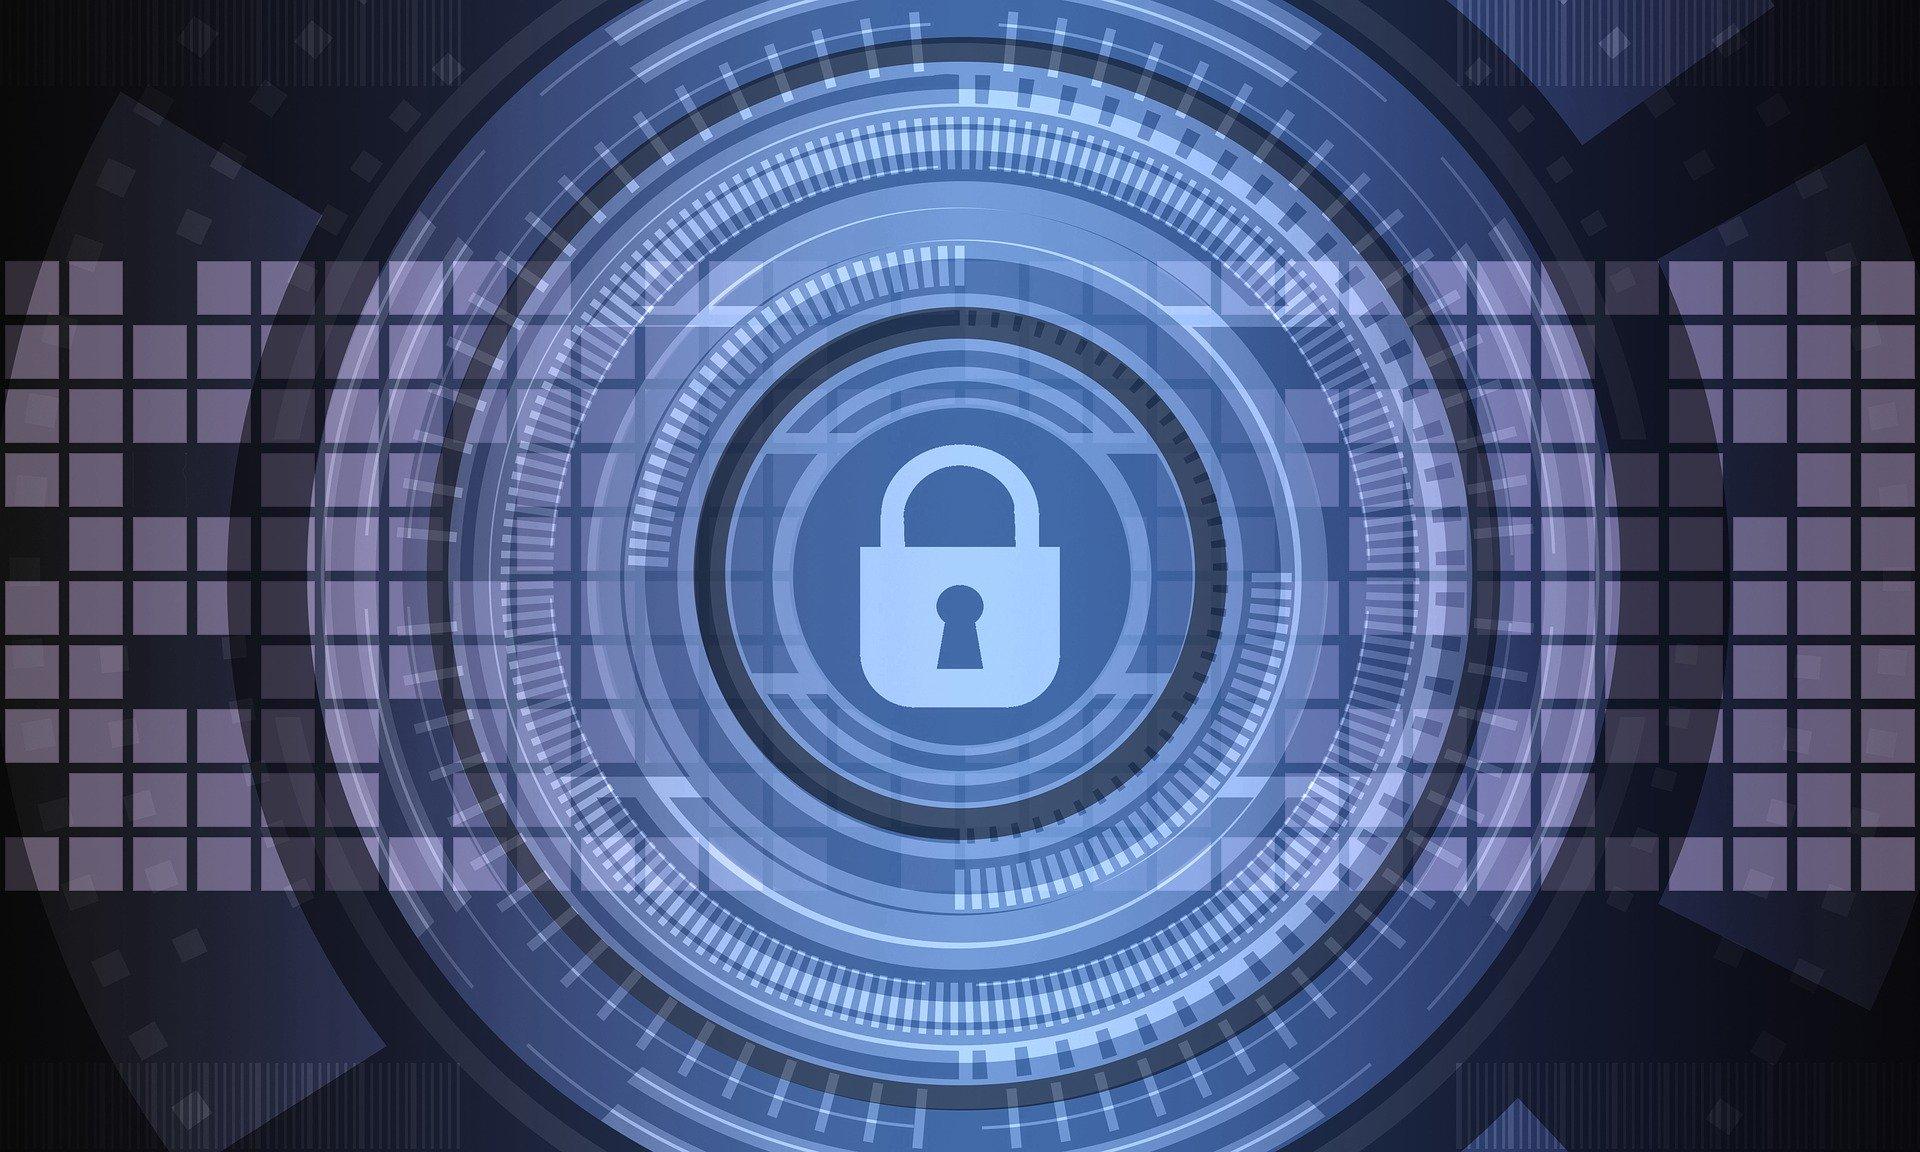 公開鍵暗号方式のRSA暗号とは?暗号の仕組み4つと応用事例を紹介サムネイル